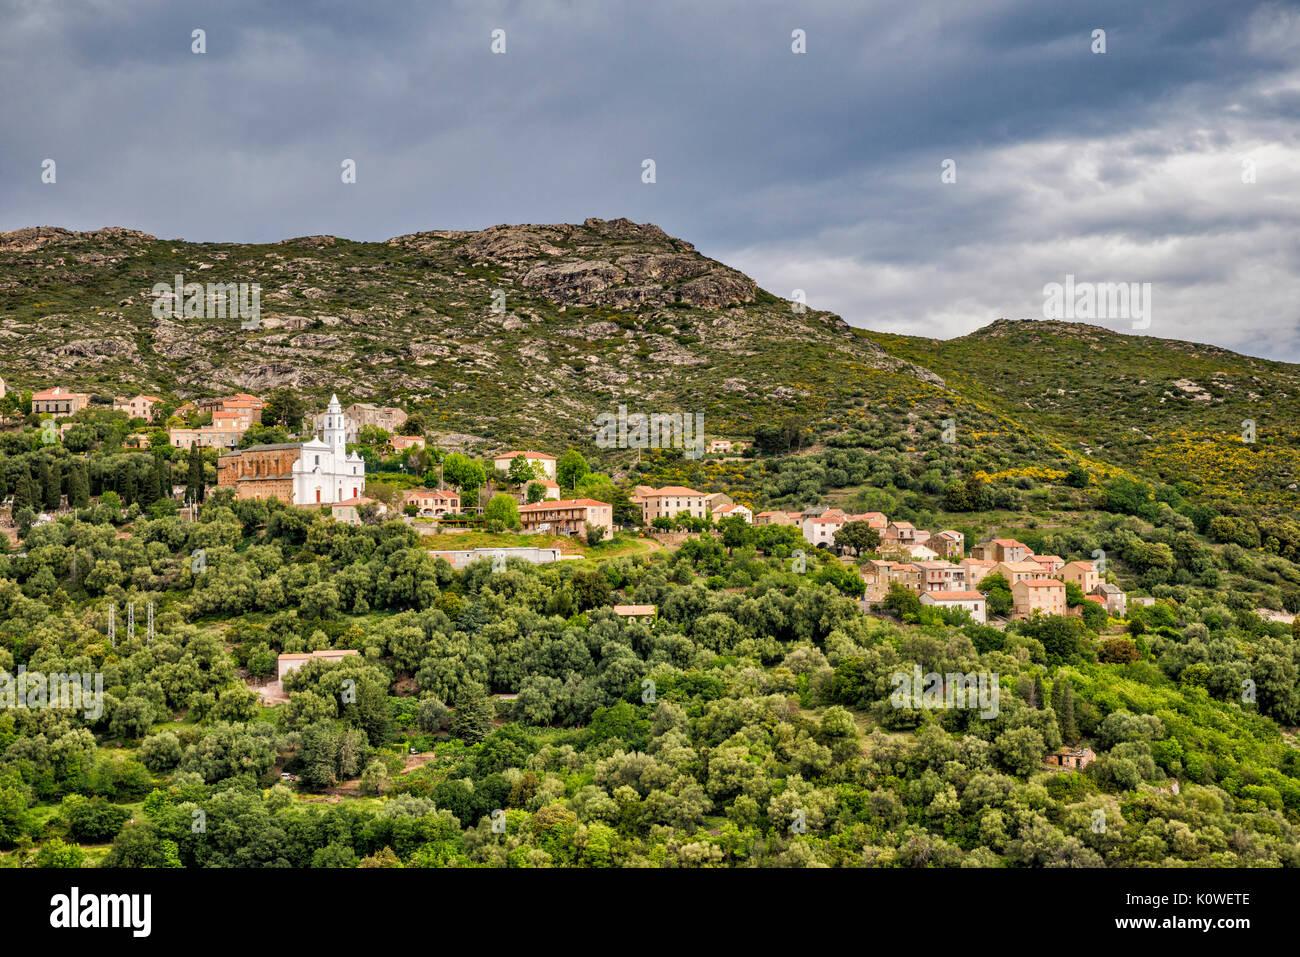 Village sur une colline de Santo-Pietro-di-Tenda Nebbio, région, département Haute-Corse, Corse, France Photo Stock